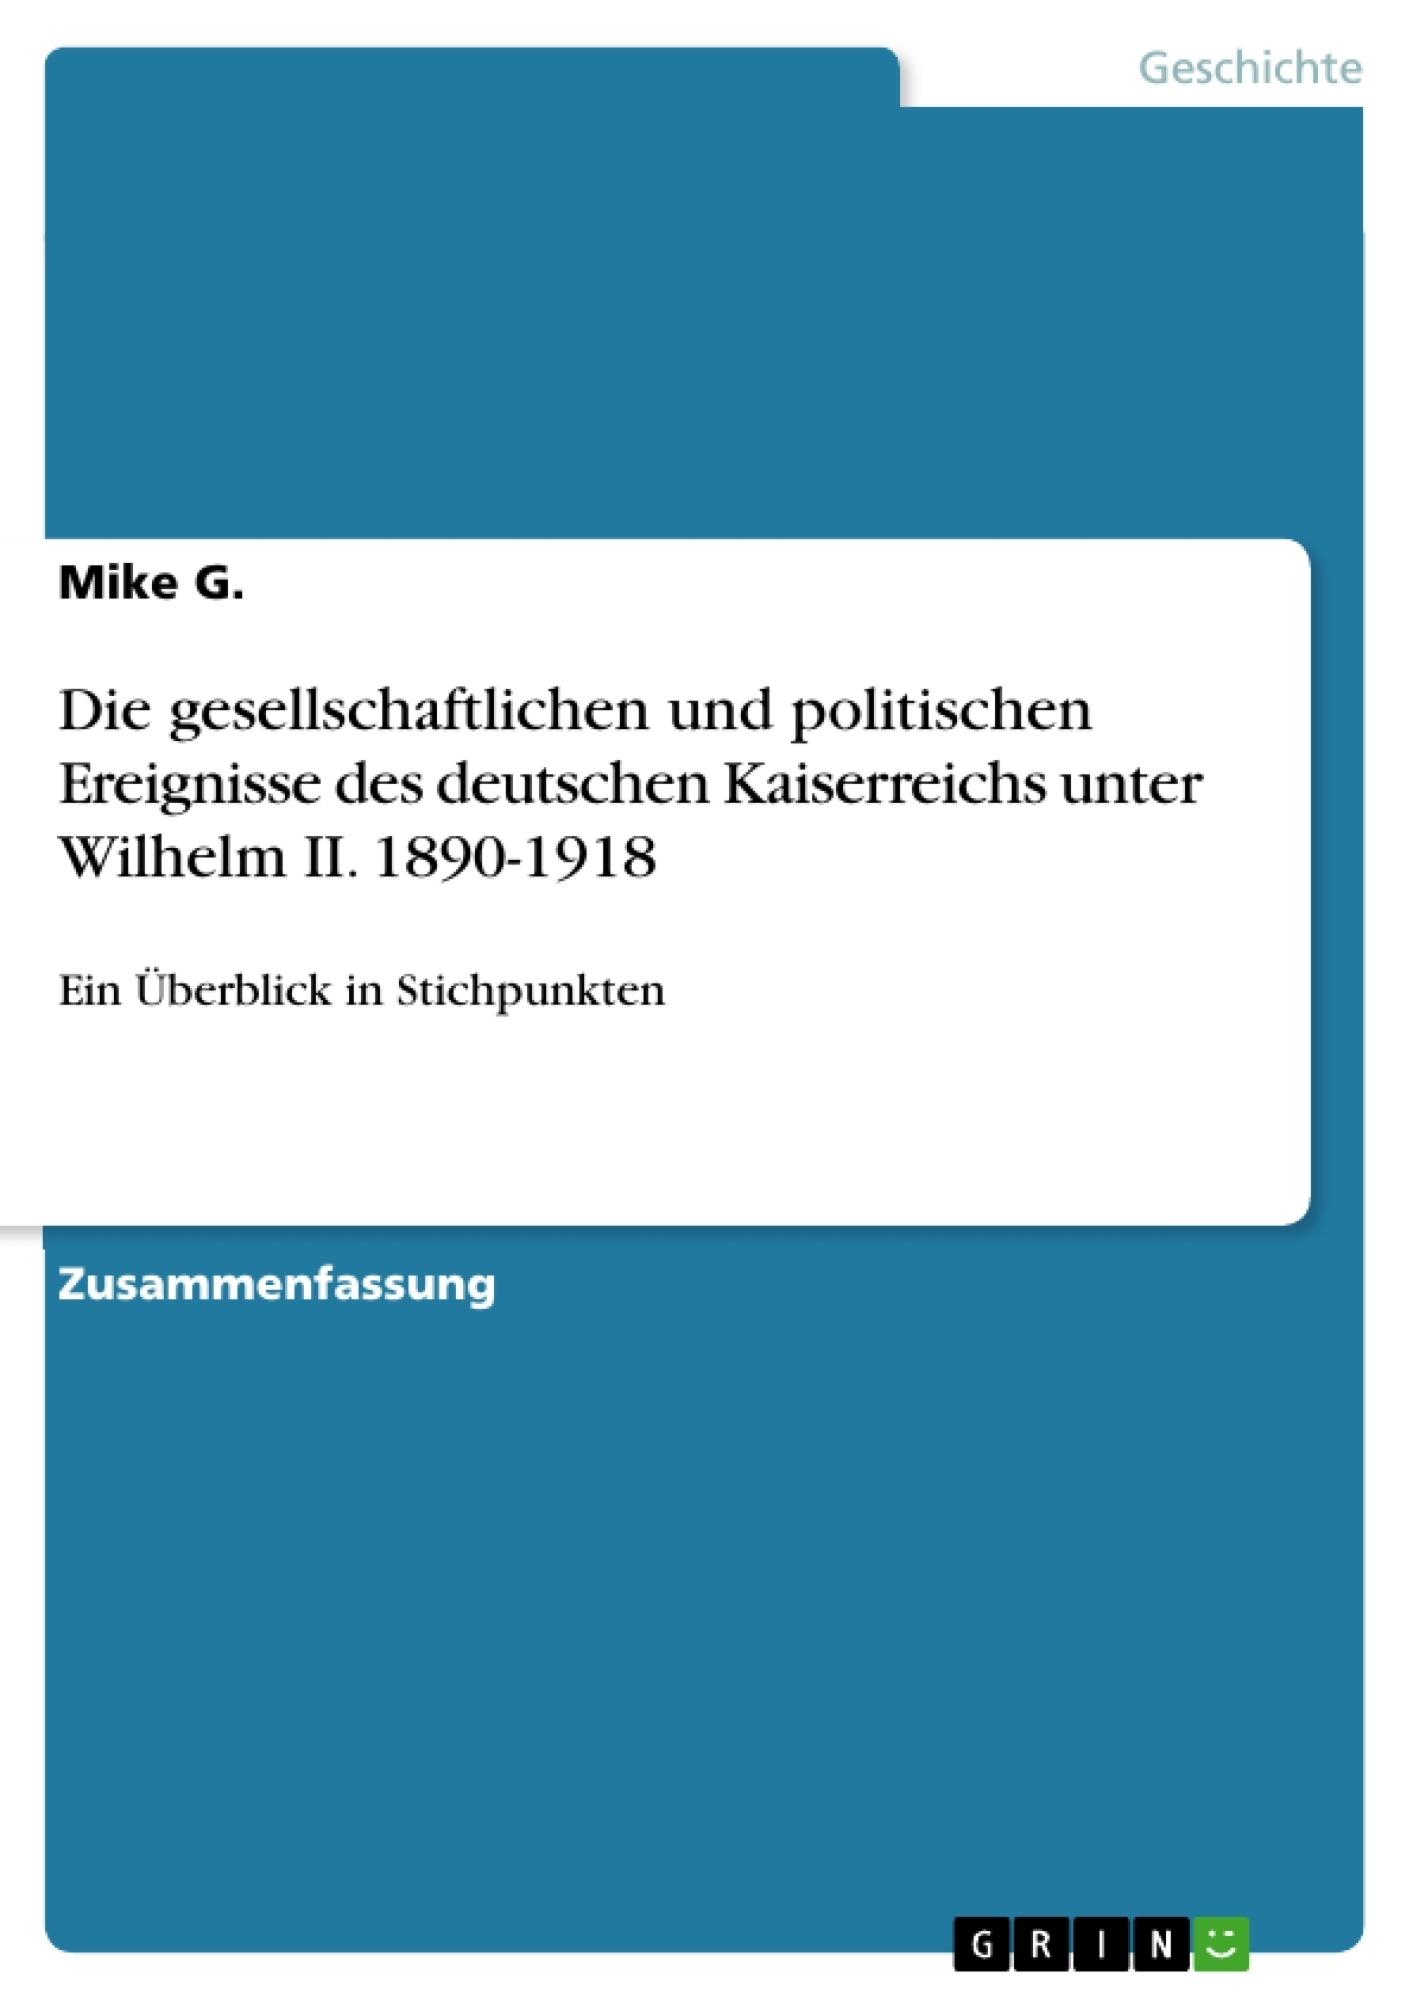 Titel: Die gesellschaftlichen und politischen Ereignisse des deutschen Kaiserreichs unter Wilhelm II. 1890-1918